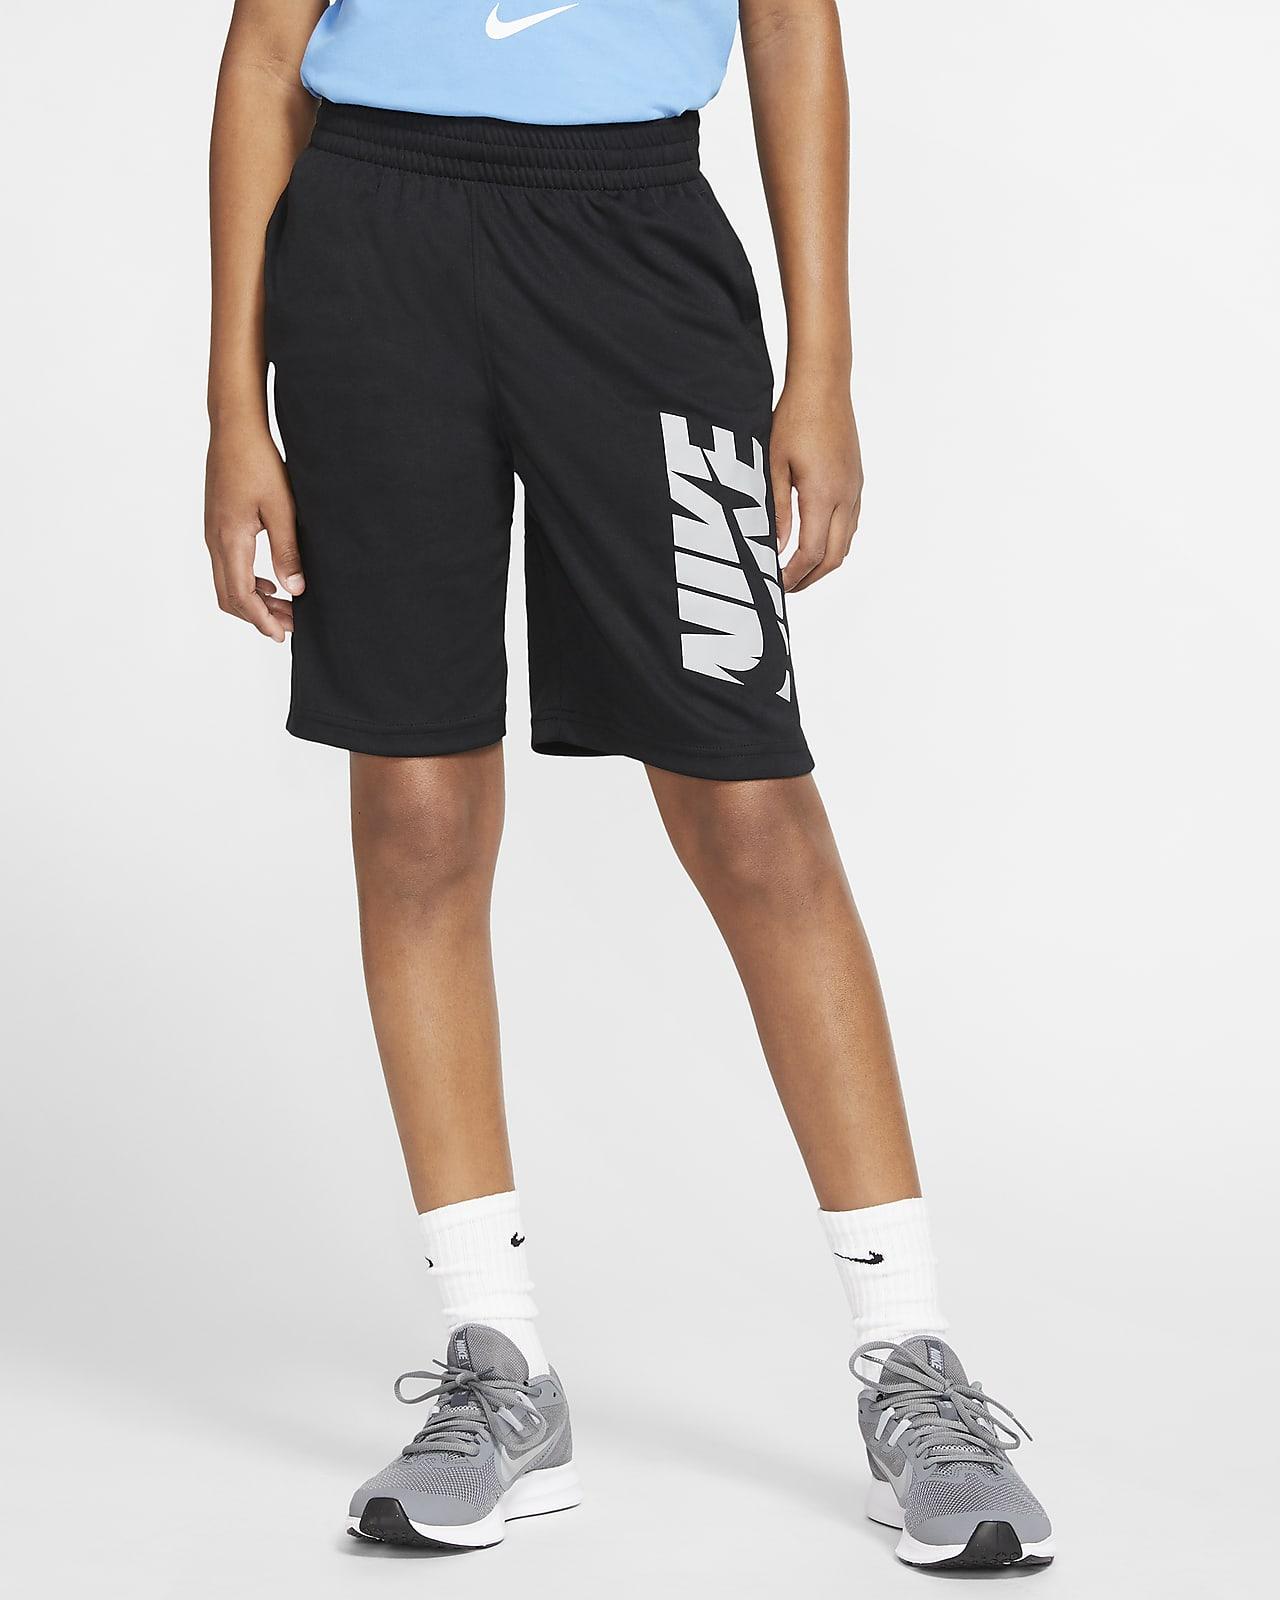 Nike-træningsshorts til store børn (drenge)